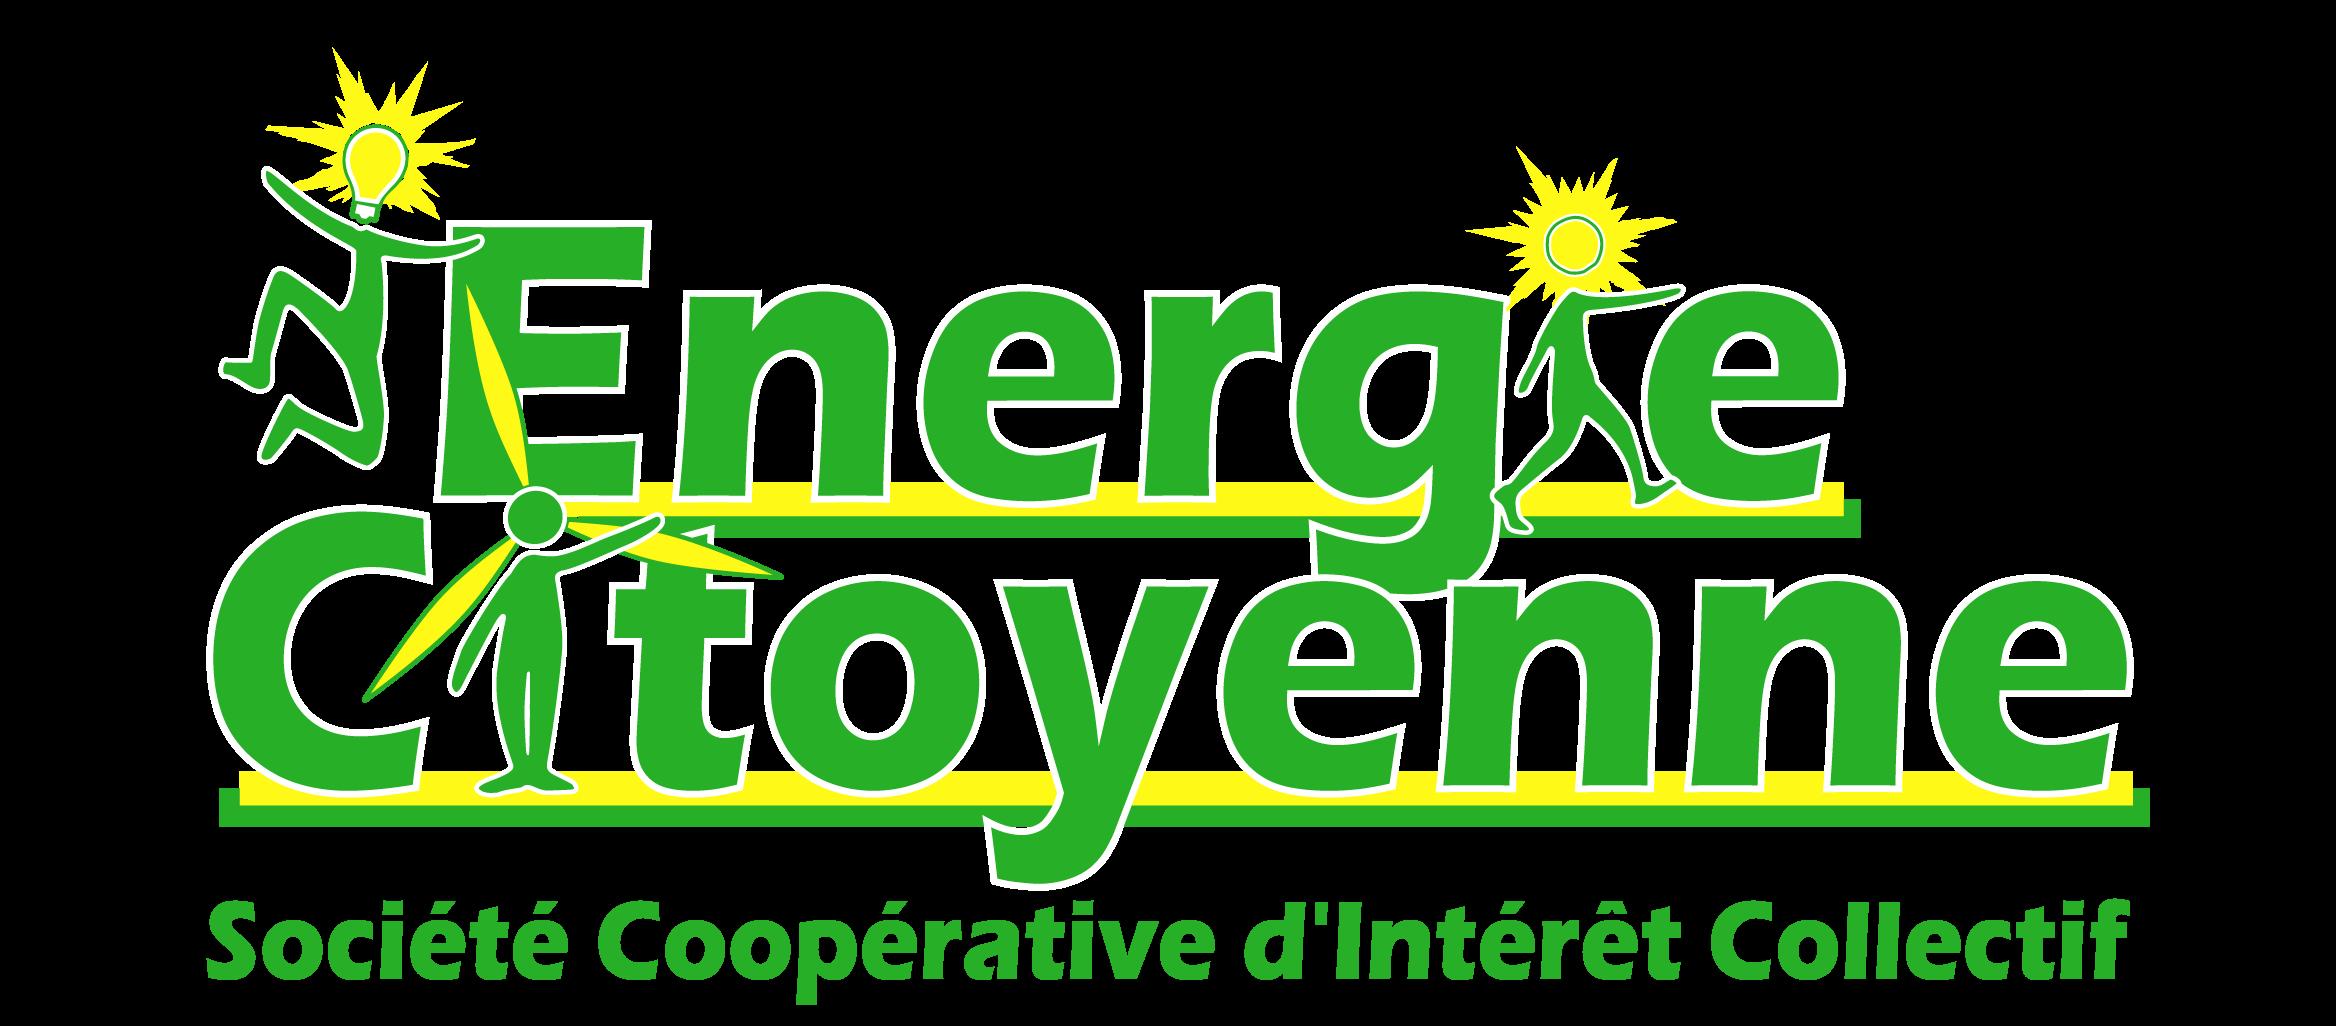 Energie Citoyenne - Société Coopérative d'Intérêt Collectif